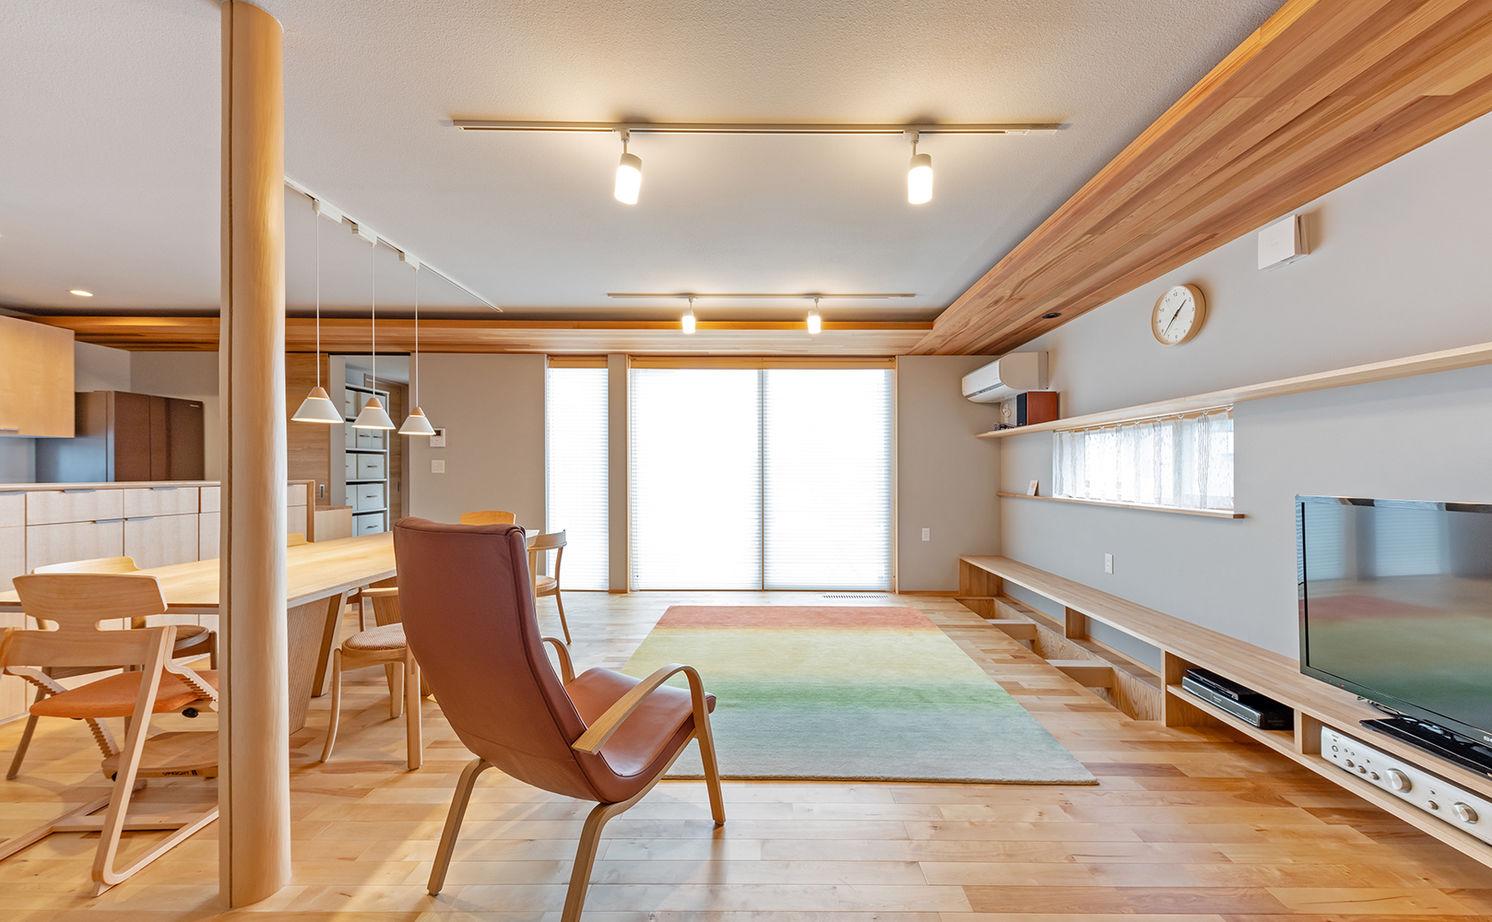 【2000万円台/間取り図有】27m長屋根の二世帯住宅。家族との距離感を保つ平屋風和モダンの家画像1